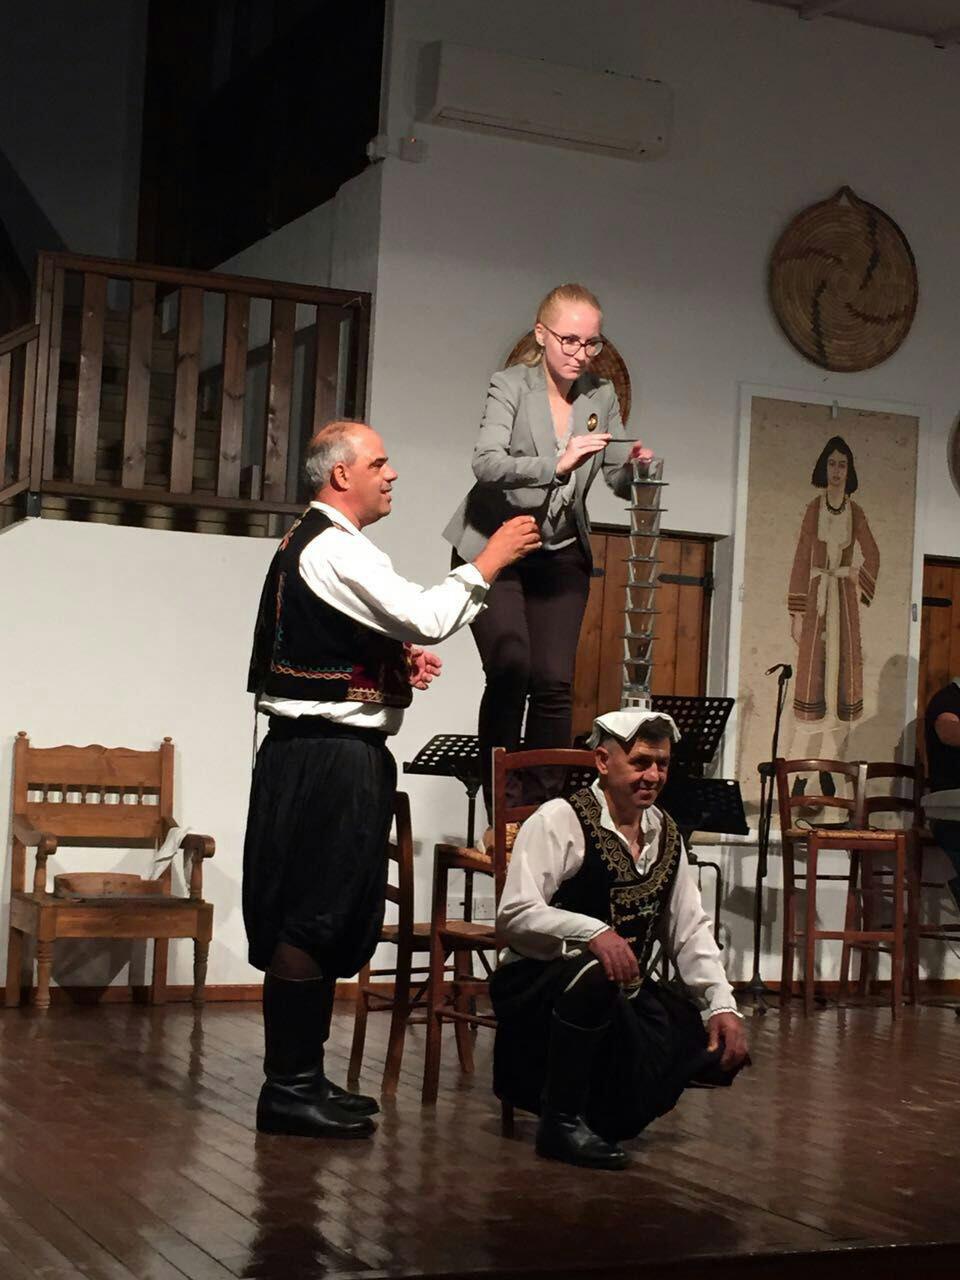 Еще одно традиционное кипрское развлечение в тавернах: по очереди вызывают гостей на сцену и просят их поставить стаканы на голову танцора. Потом танцор с такой башенкой на голове ходит по залу